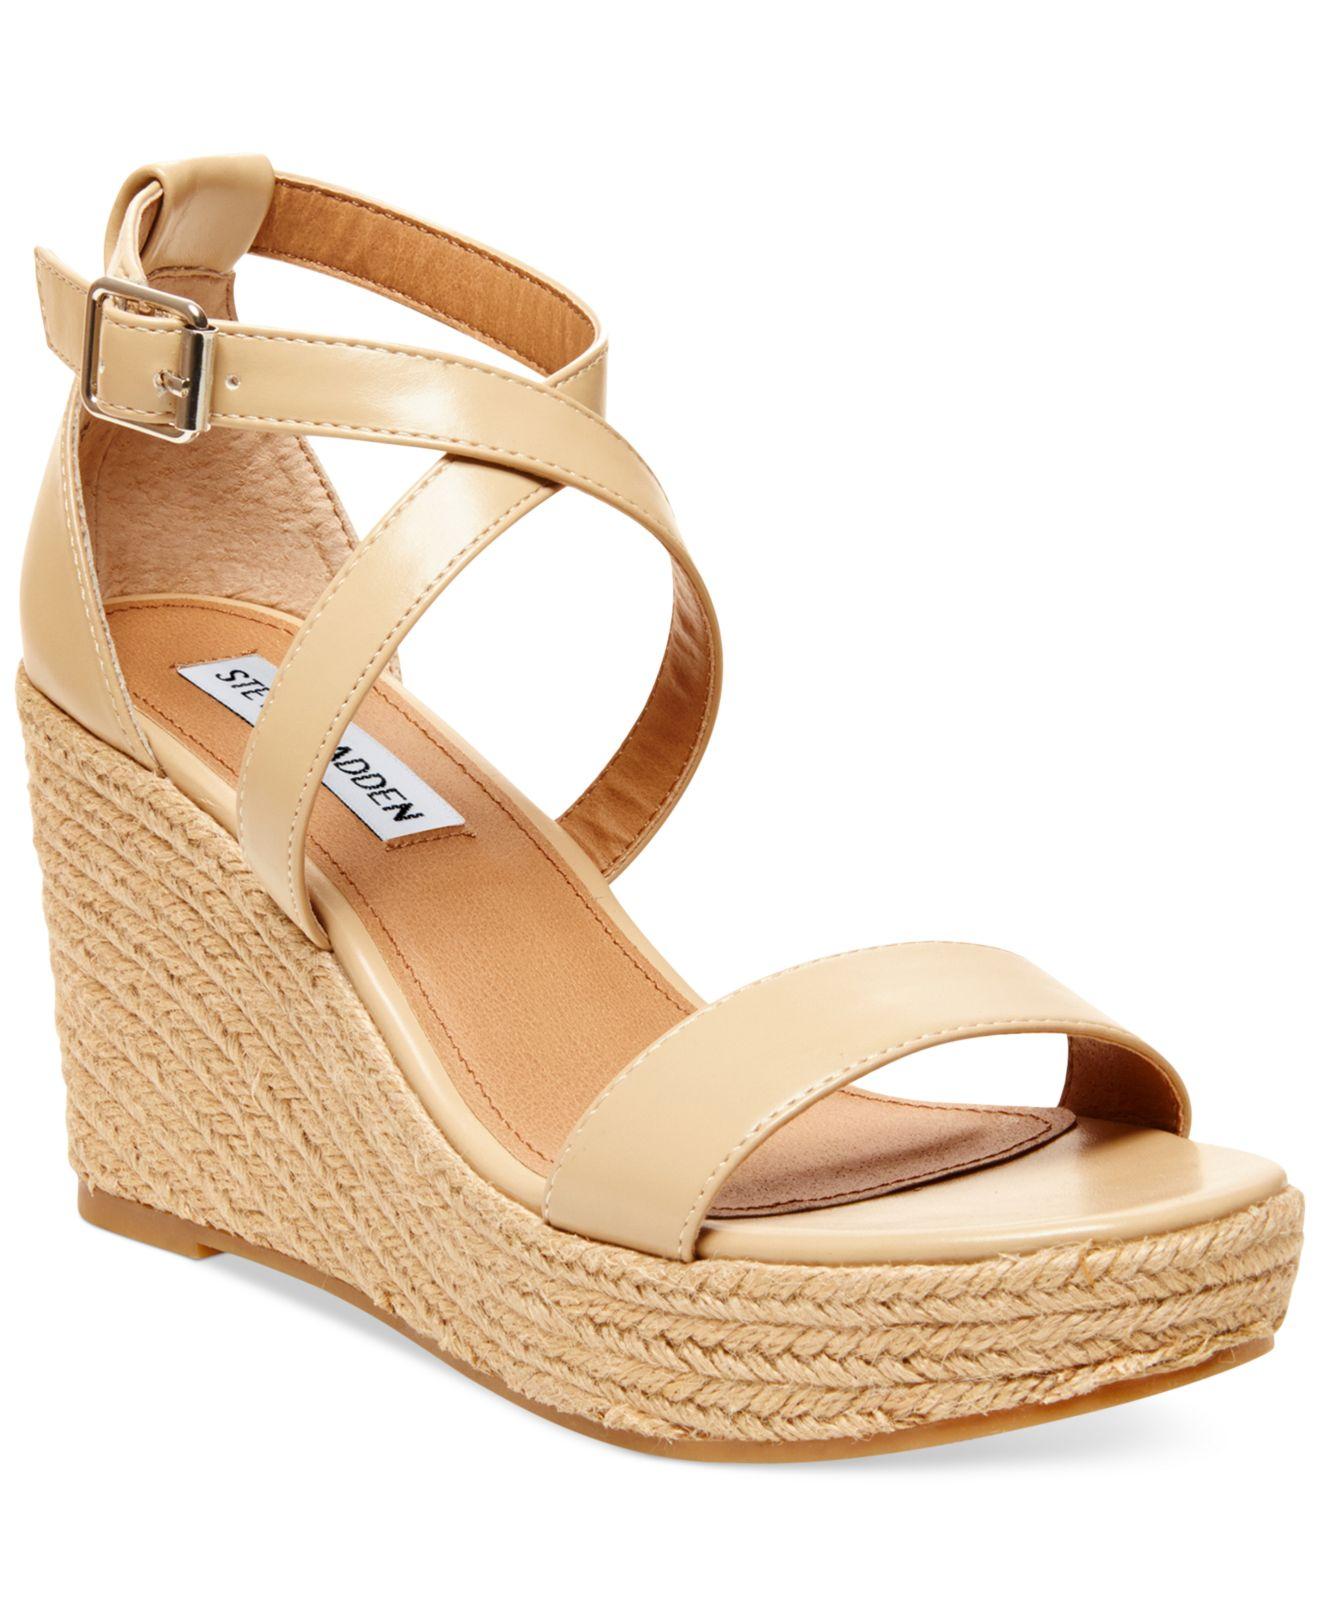 e37395459d4 Steve Madden Natural Women's Montaukk Platform Wedge Sandals